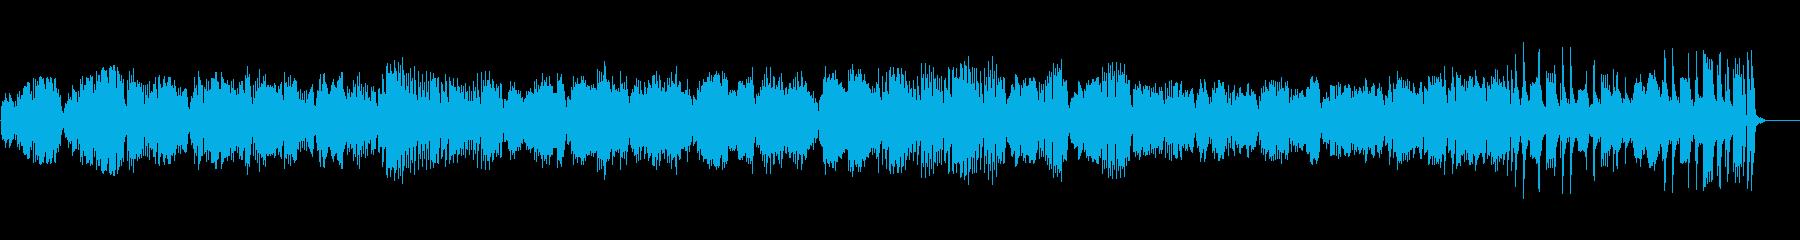 モーツァルト作曲のピアノが爽快な曲の再生済みの波形